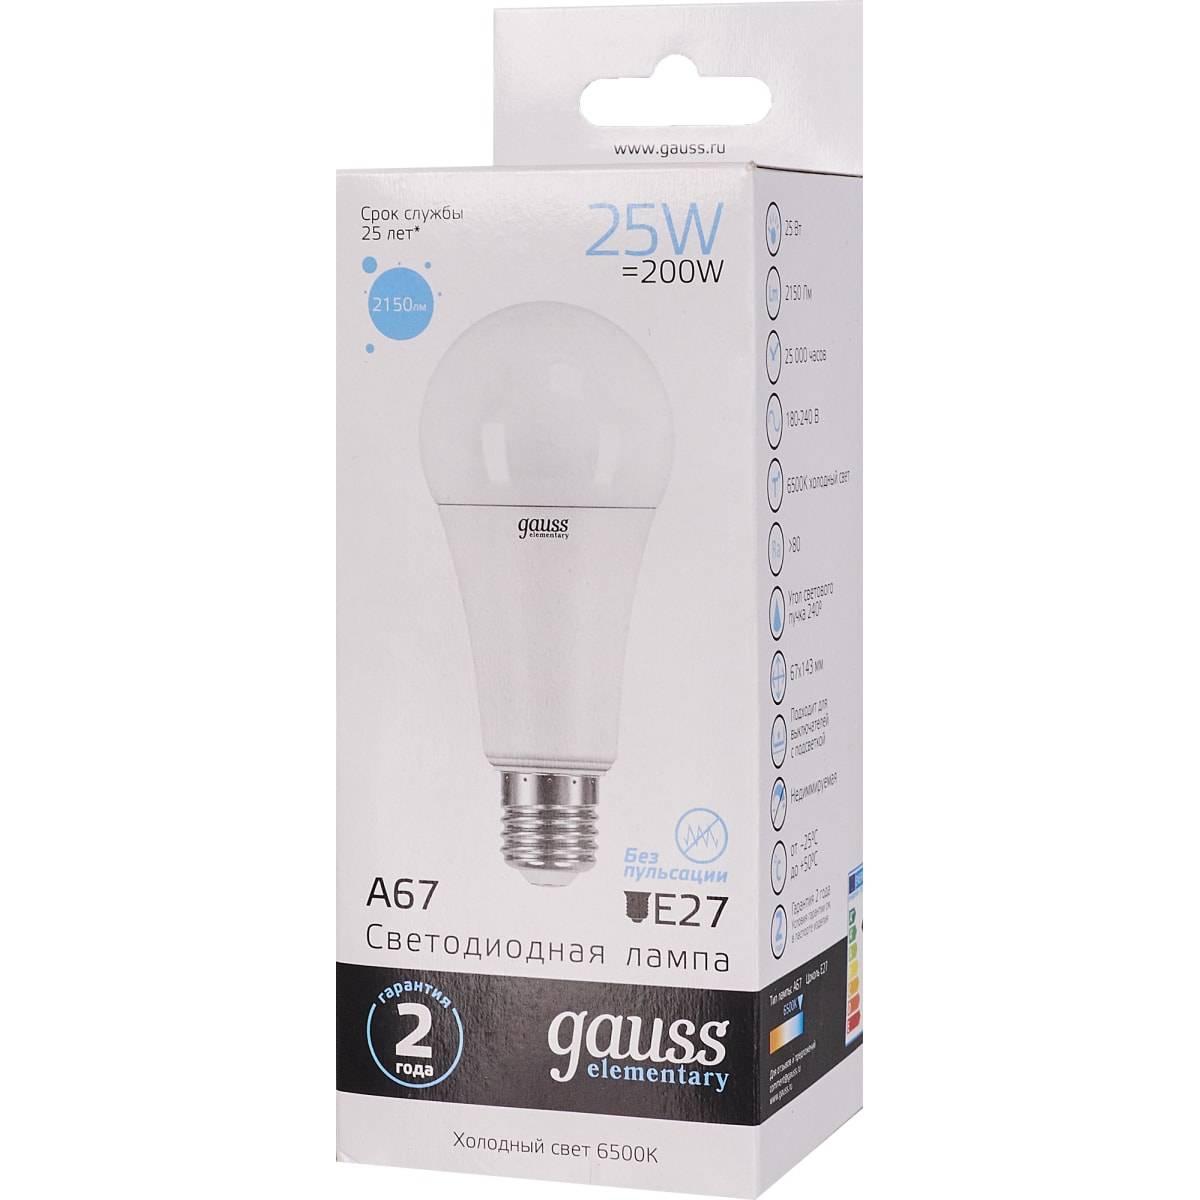 Особенности светодиодных ламп gauss